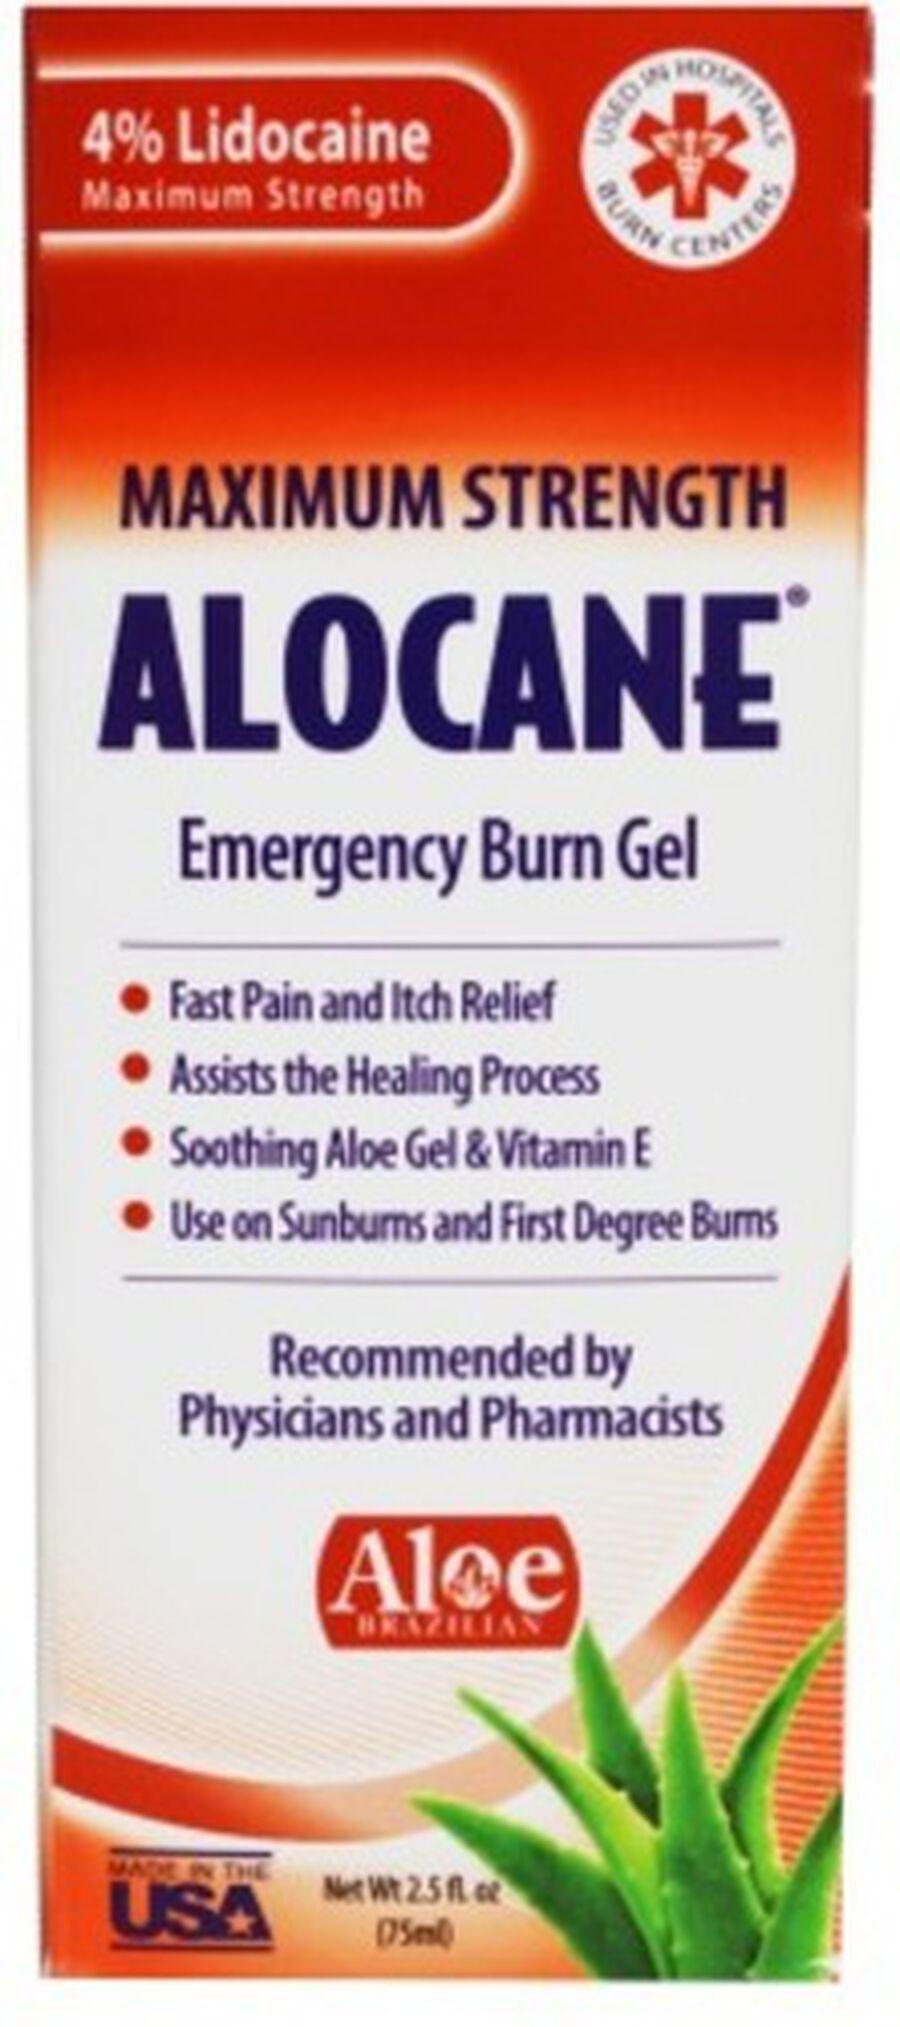 Alocane Maximum Strength Emergency Burn Gel, 2.5 oz, , large image number 1